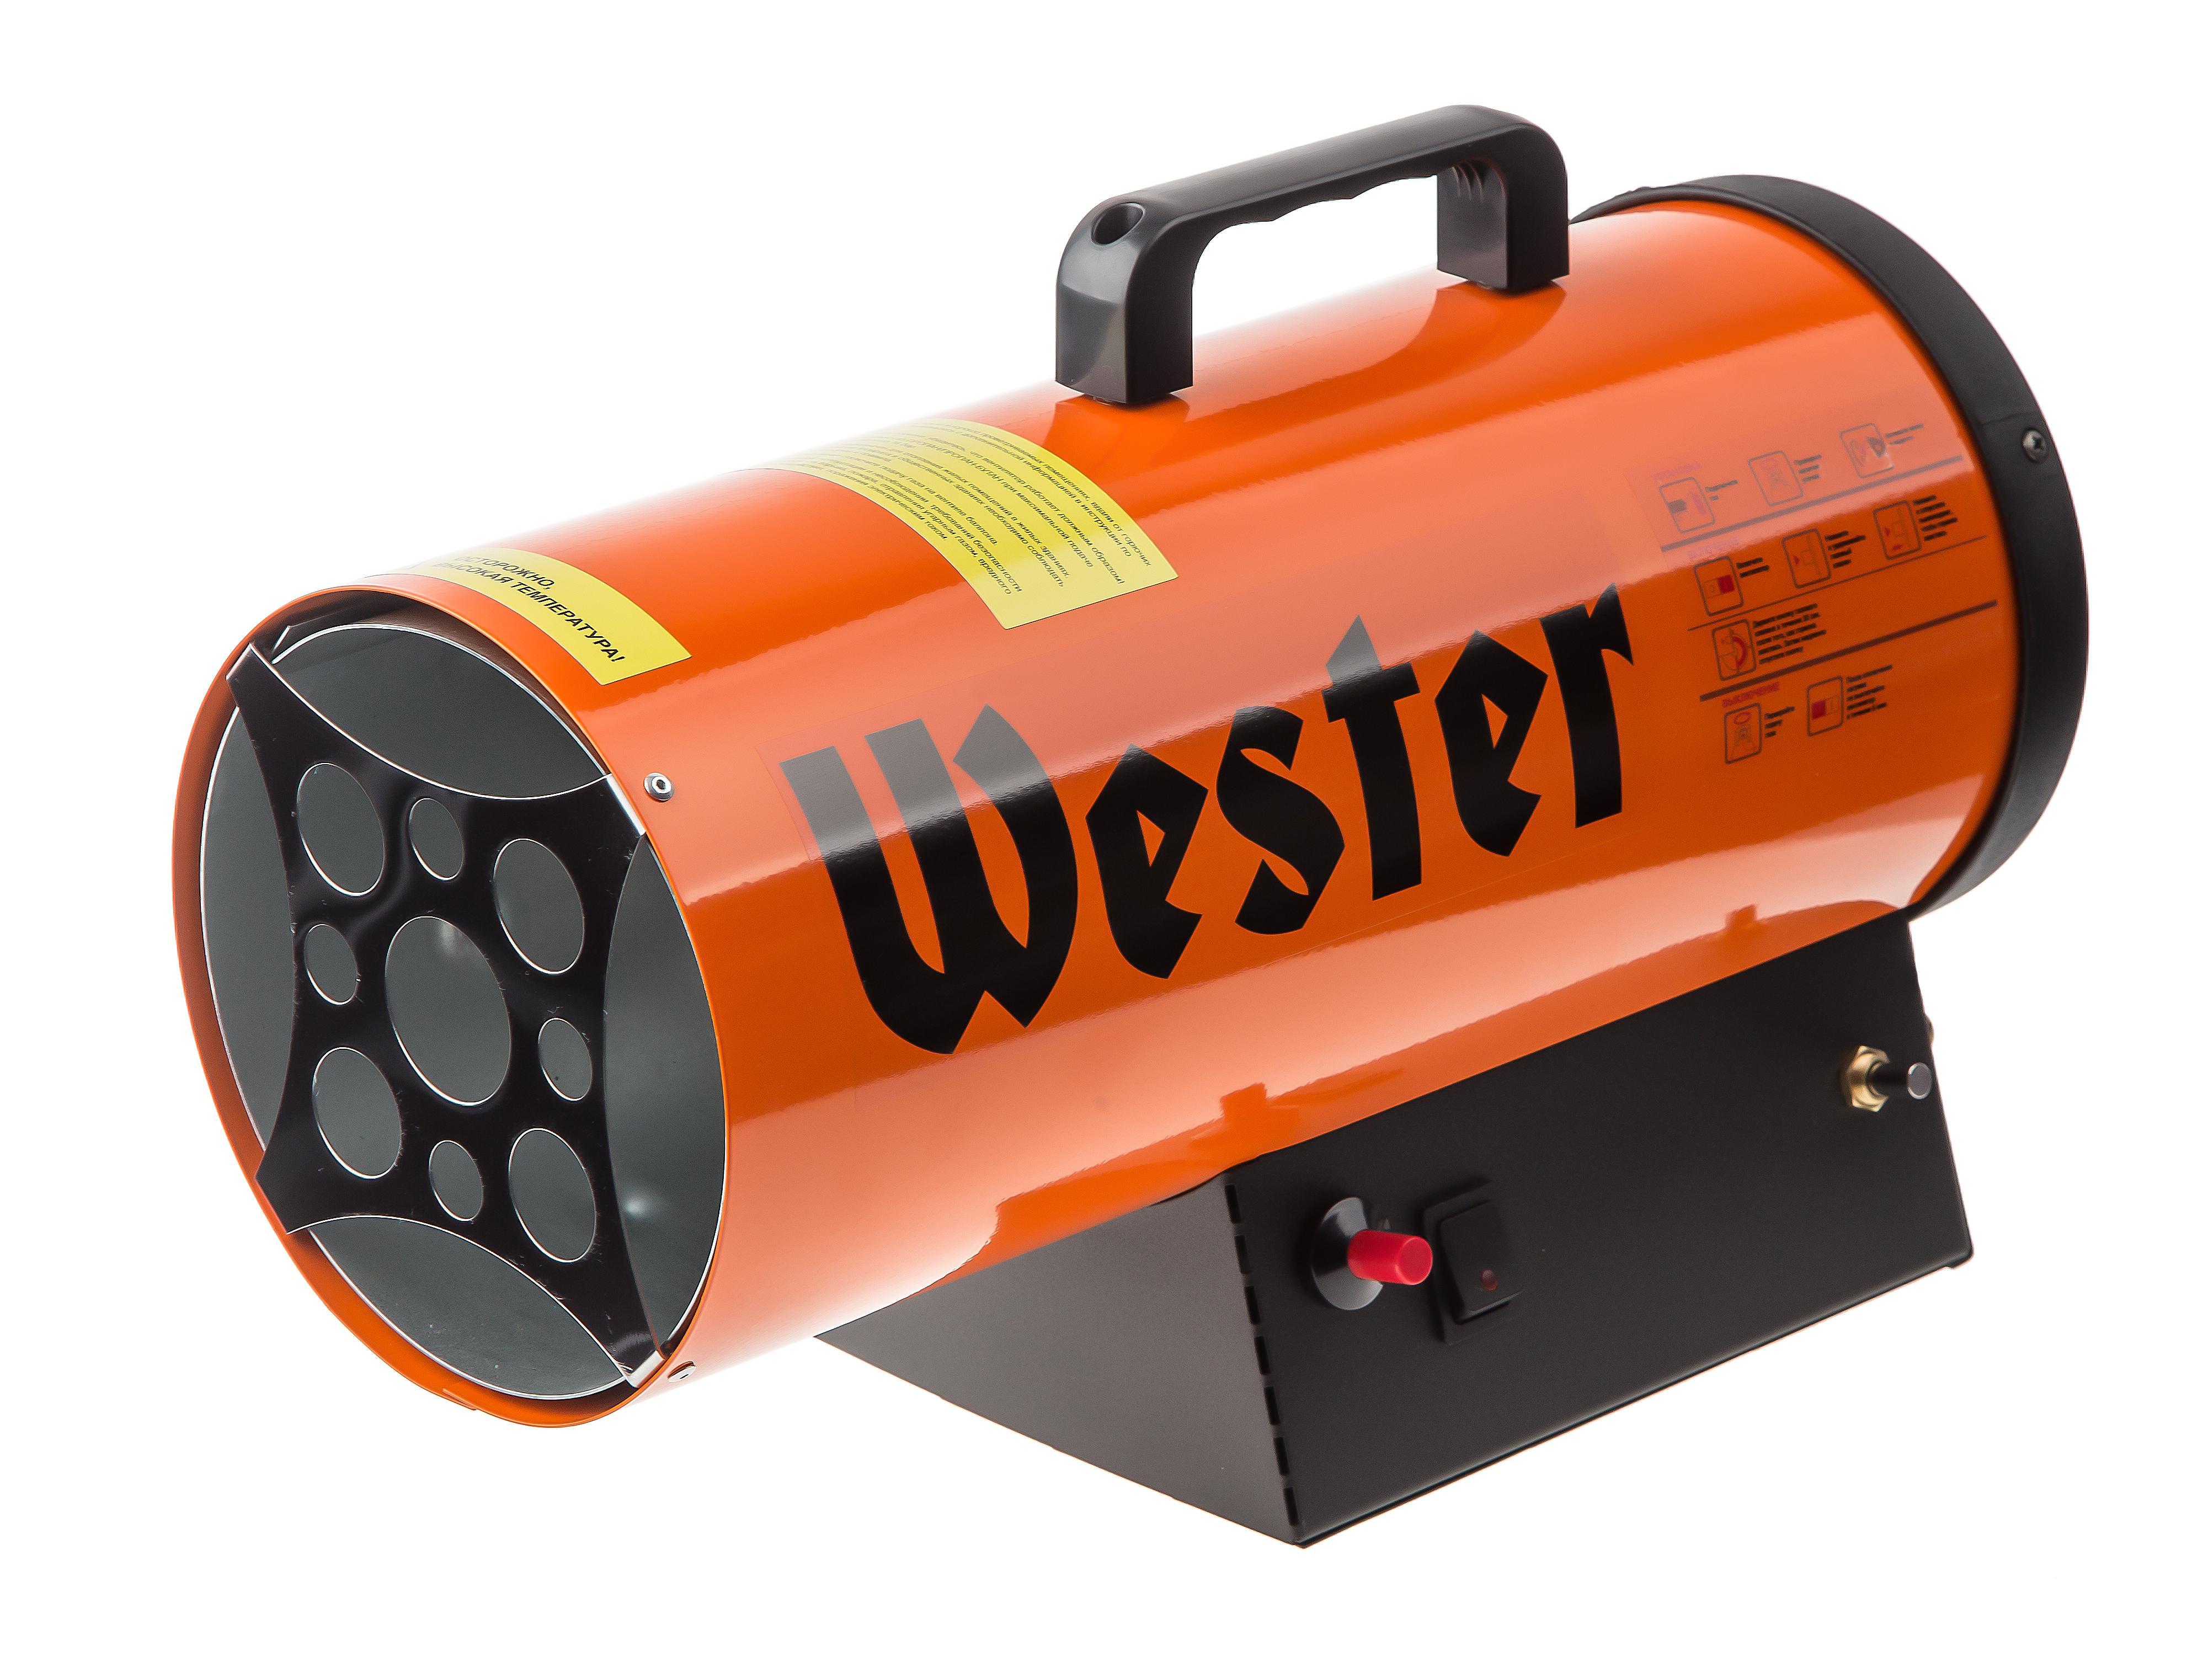 все цены на Тепловая пушка Wester Tg-12 газовая онлайн